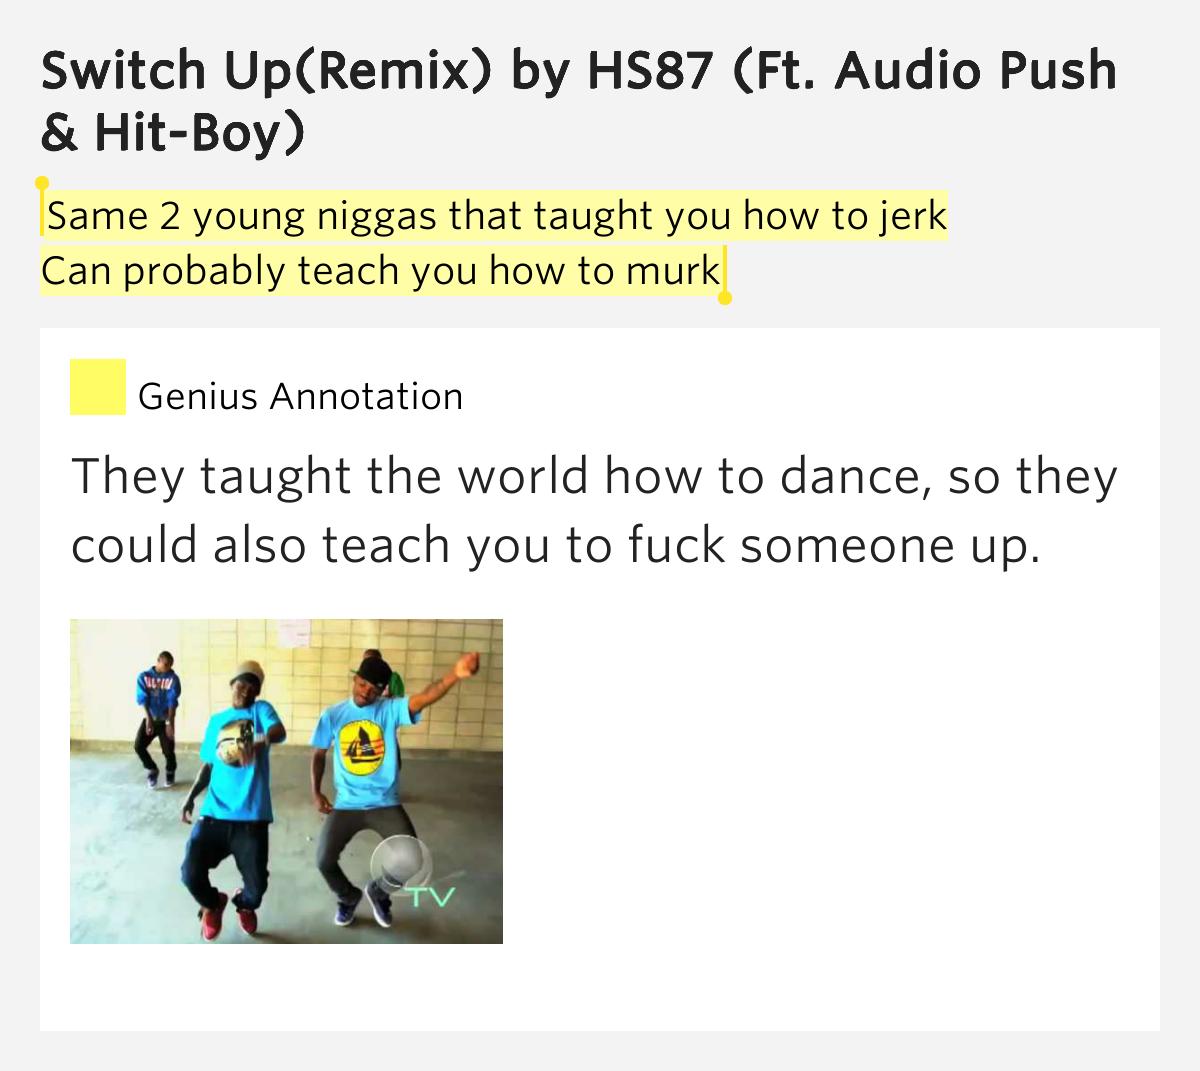 Audio Push :